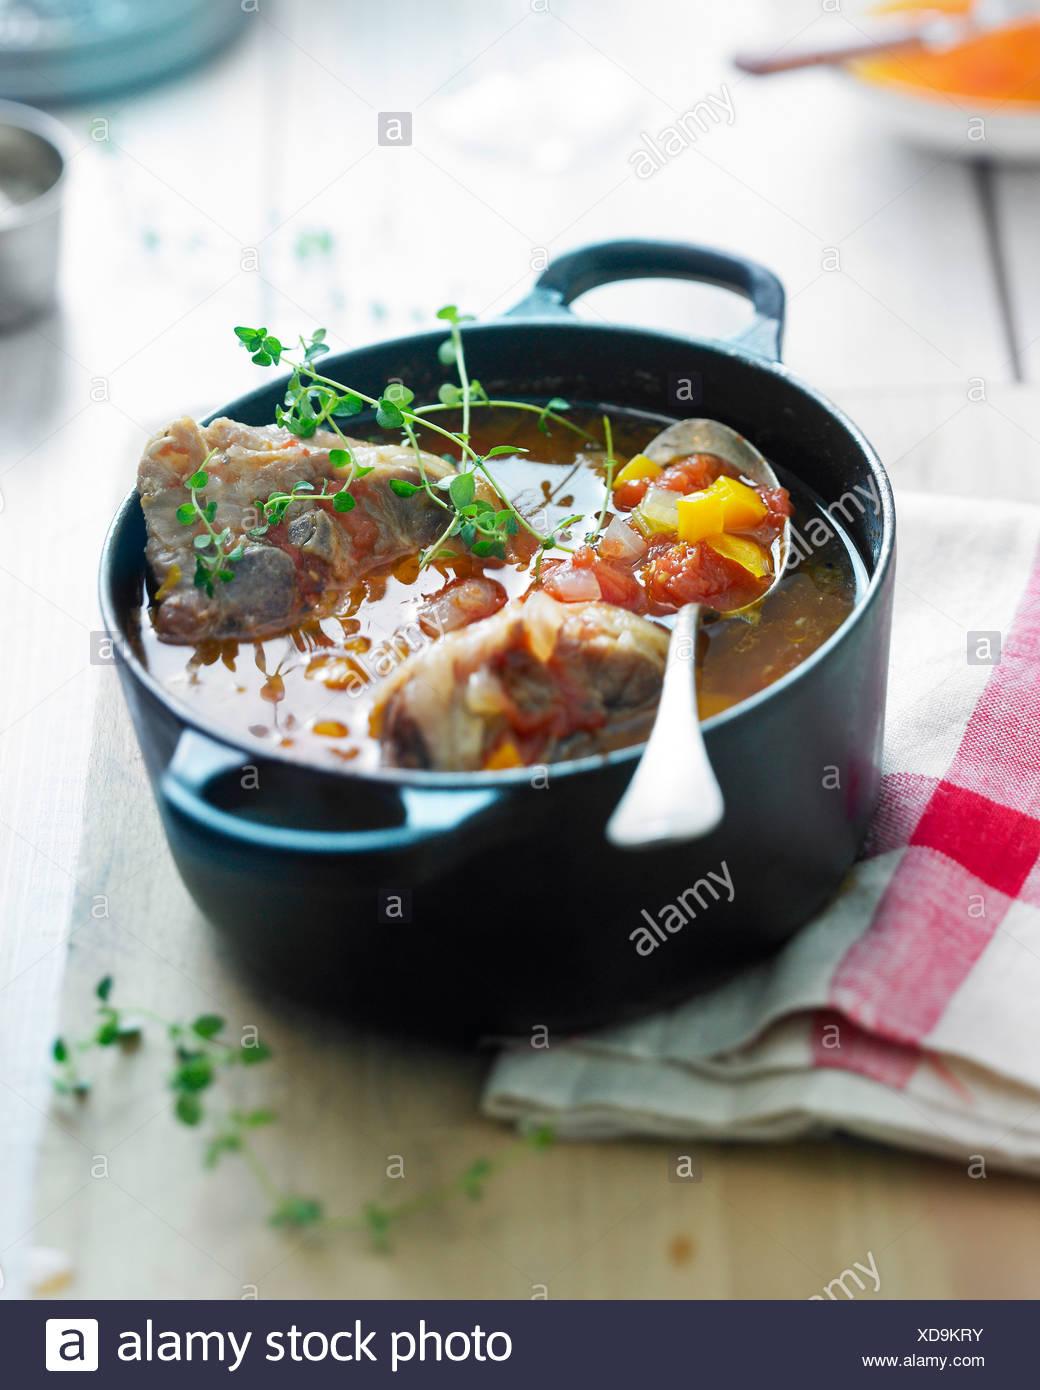 Lamb casserole - Stock Image